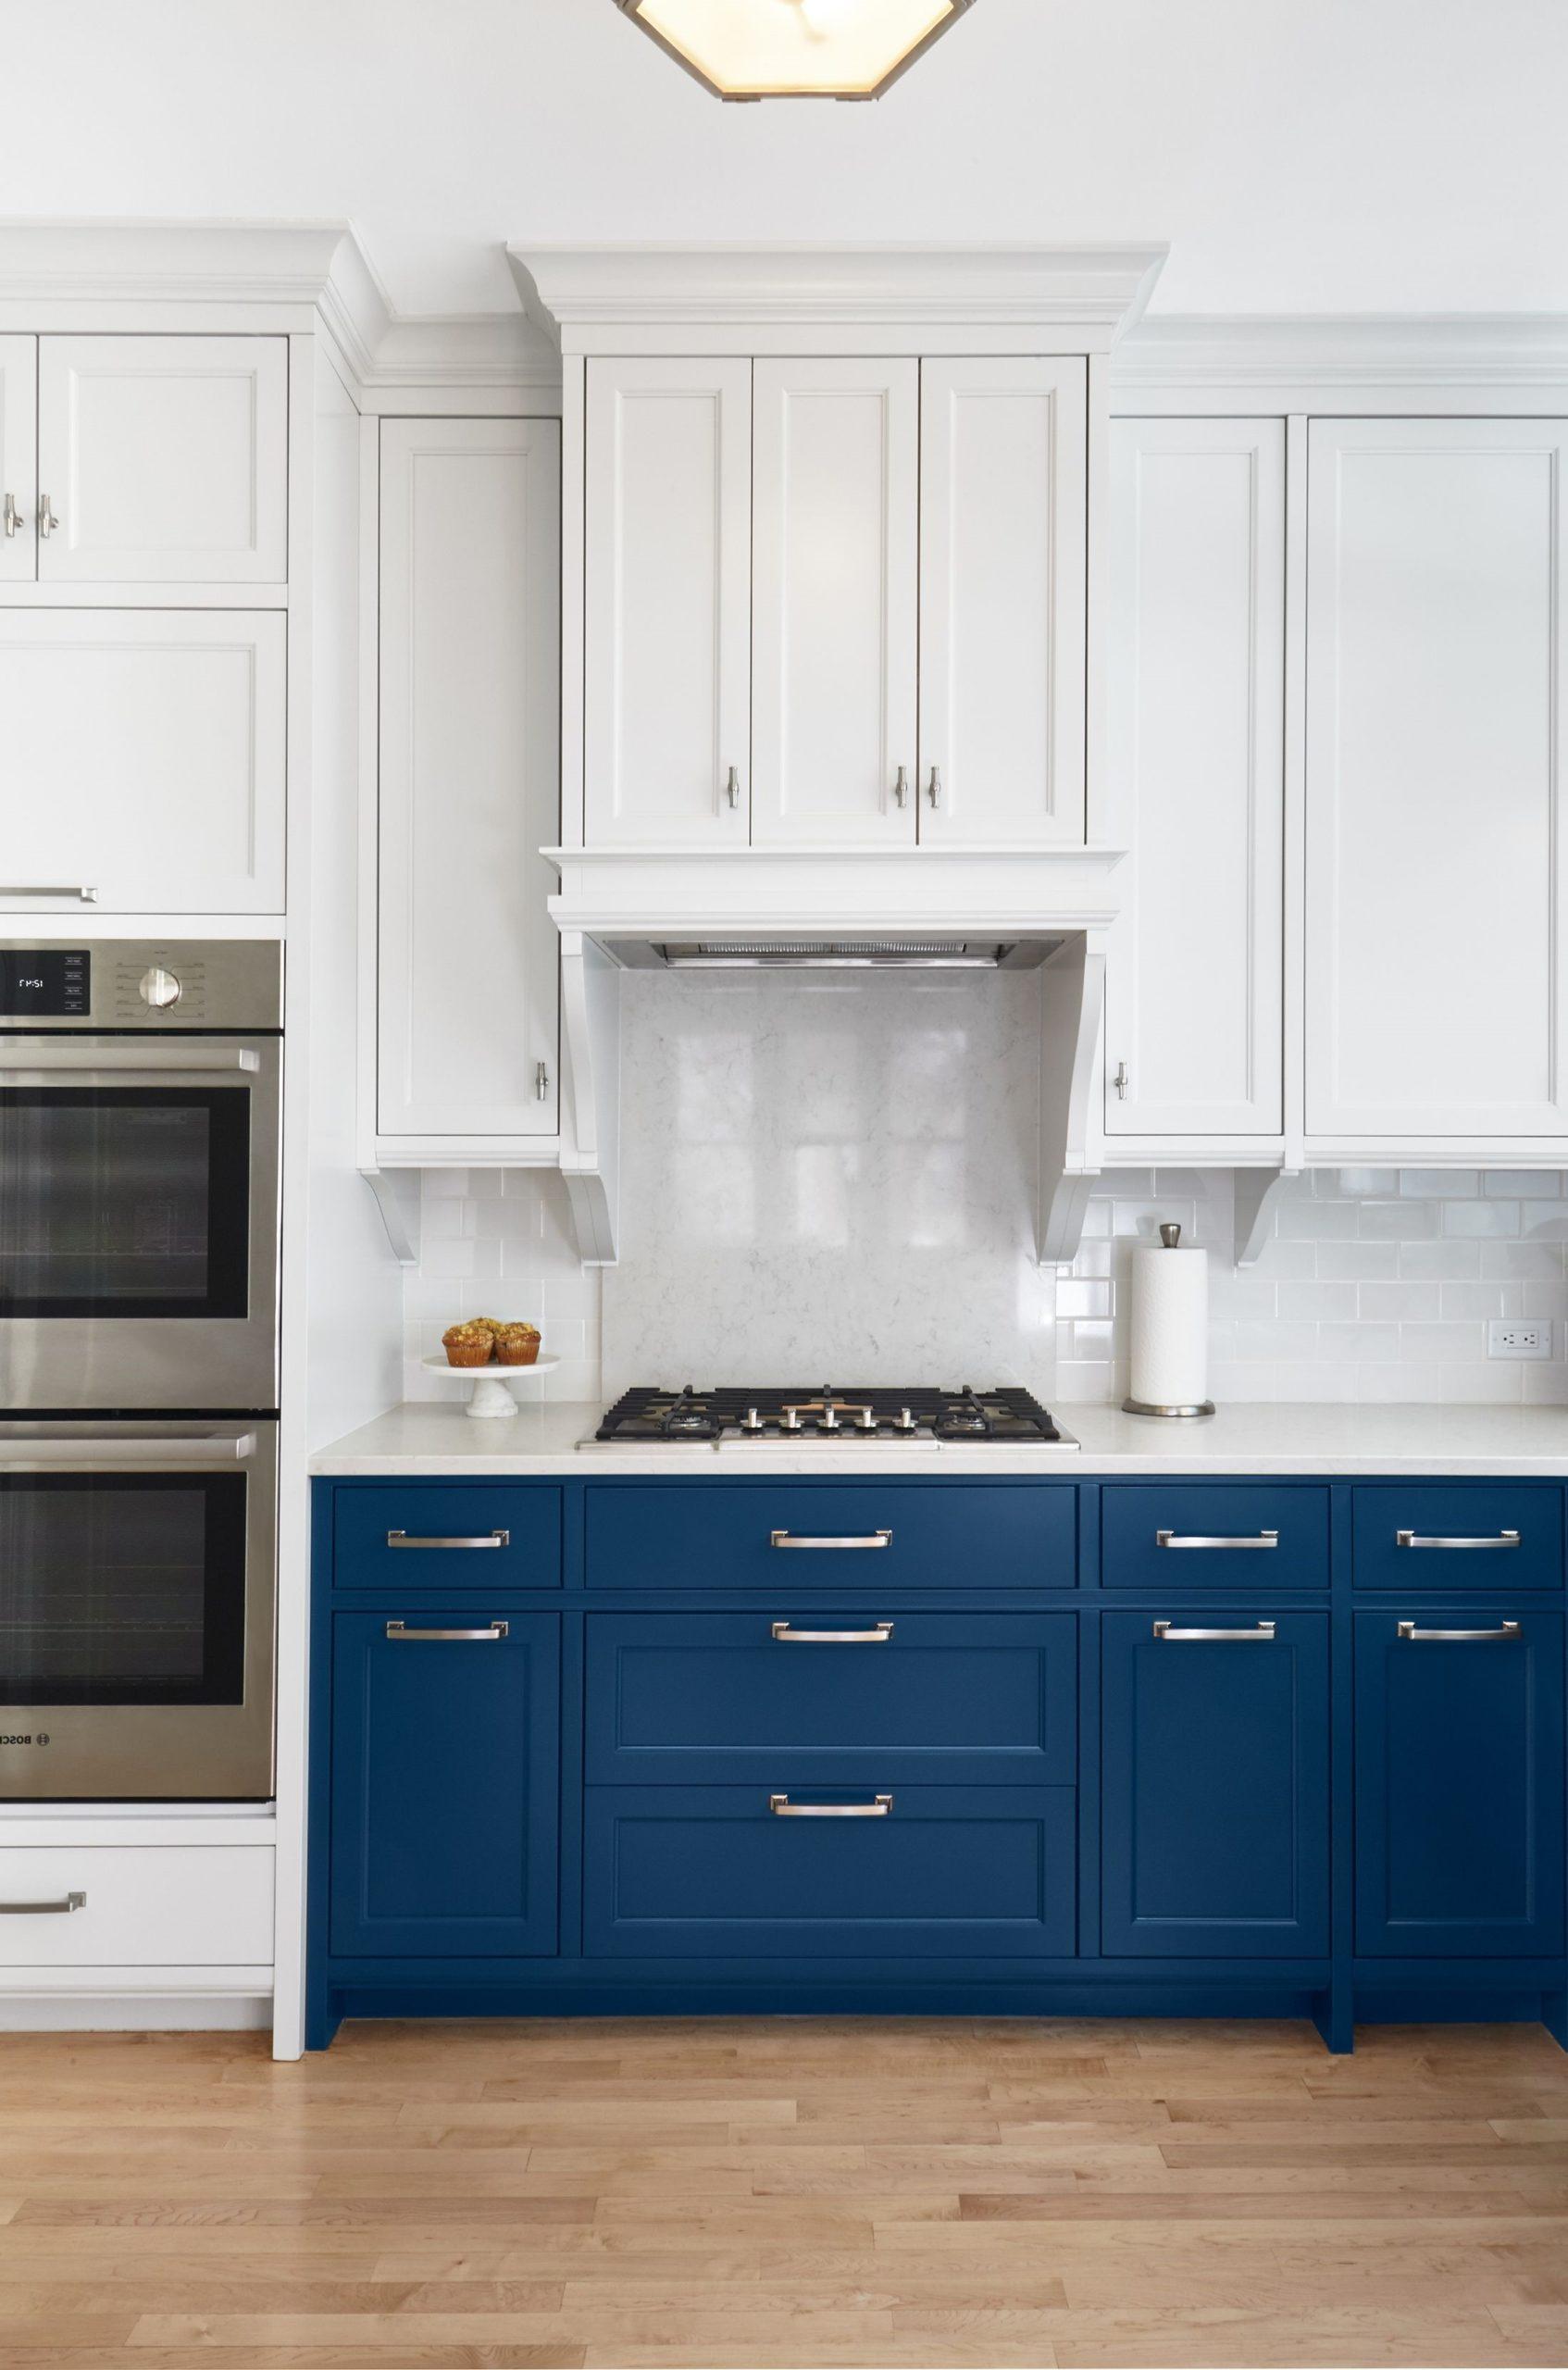 Ajoutez un simple accent bleu canard dans votre cuisine.